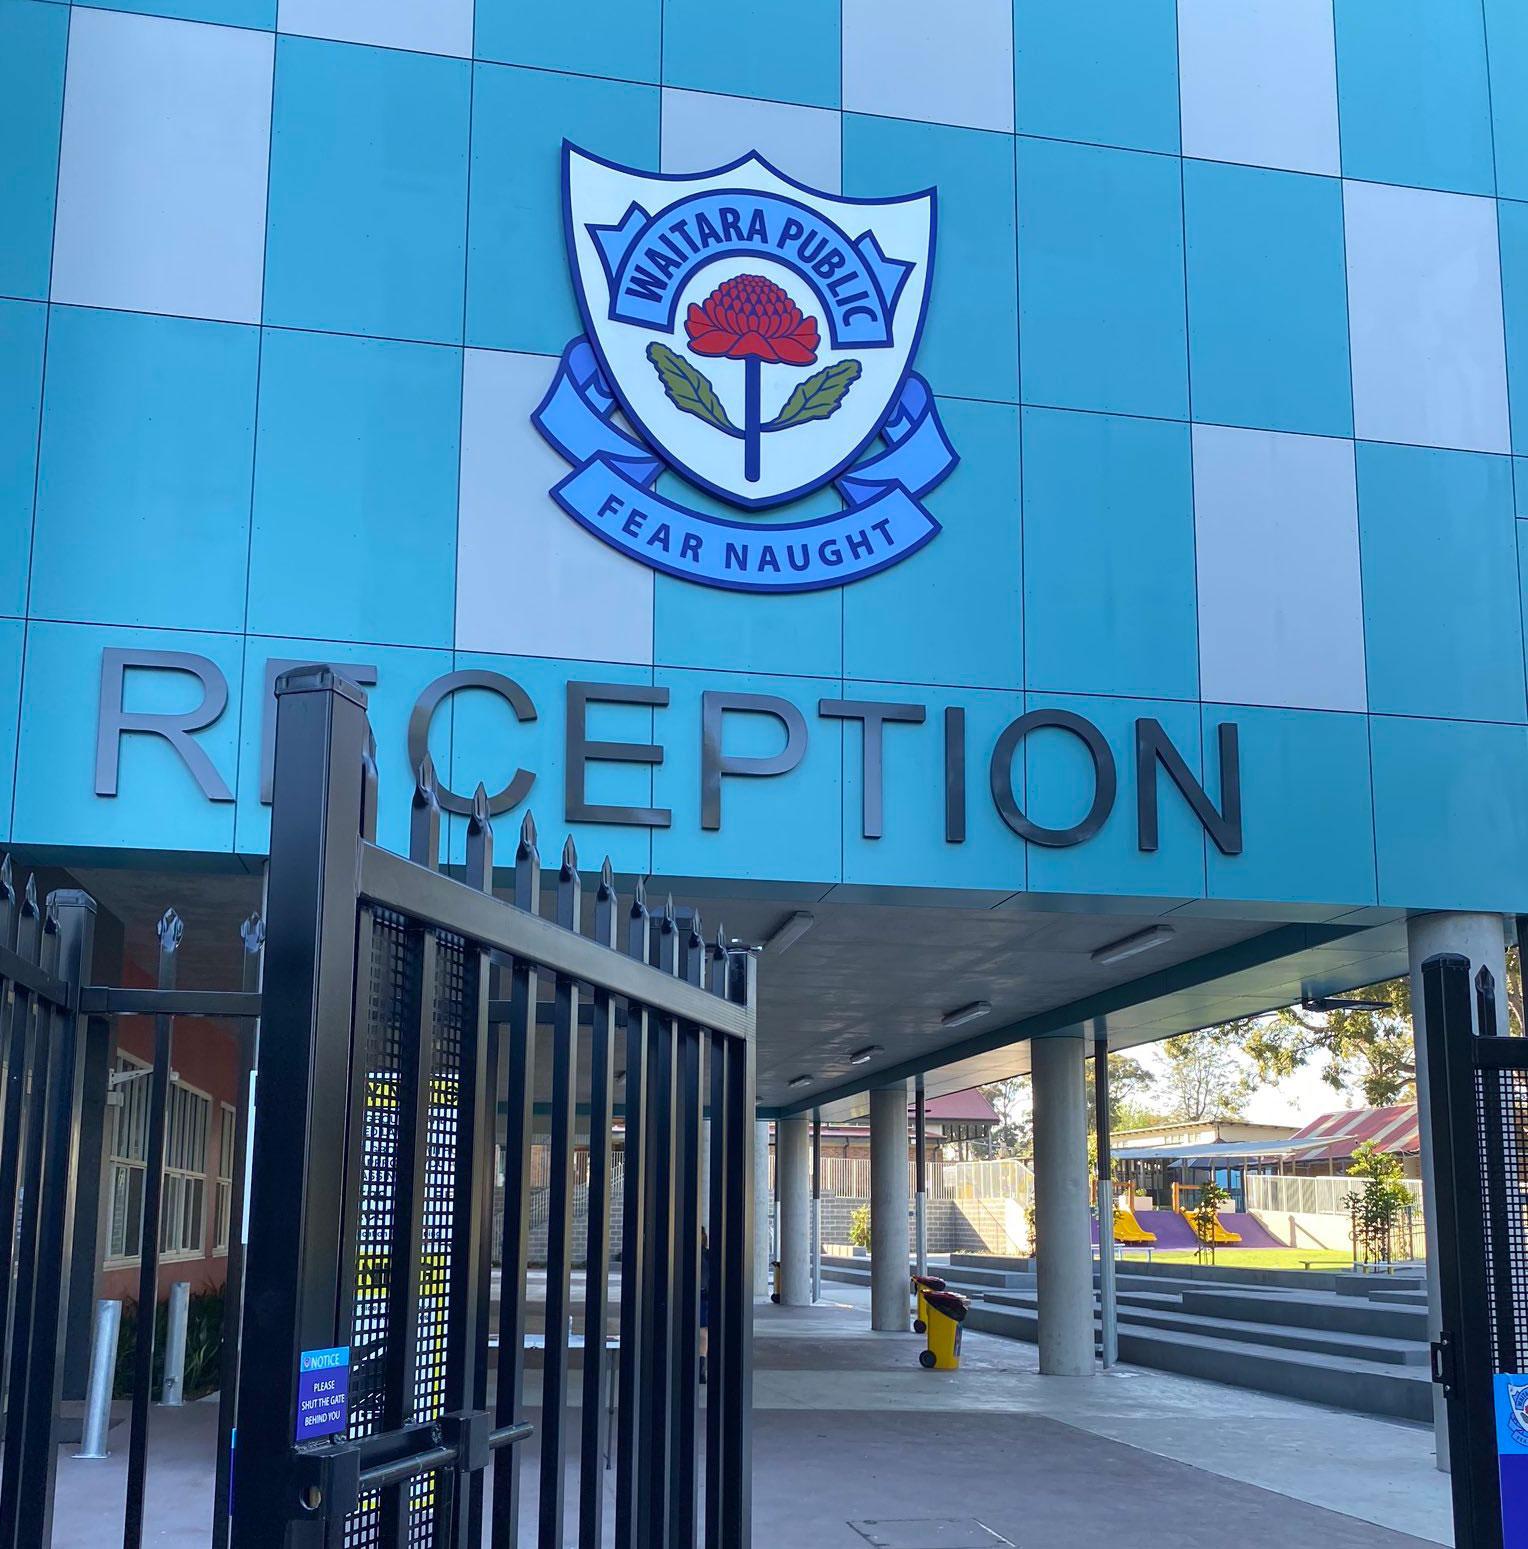 Waitara Public School, NSW